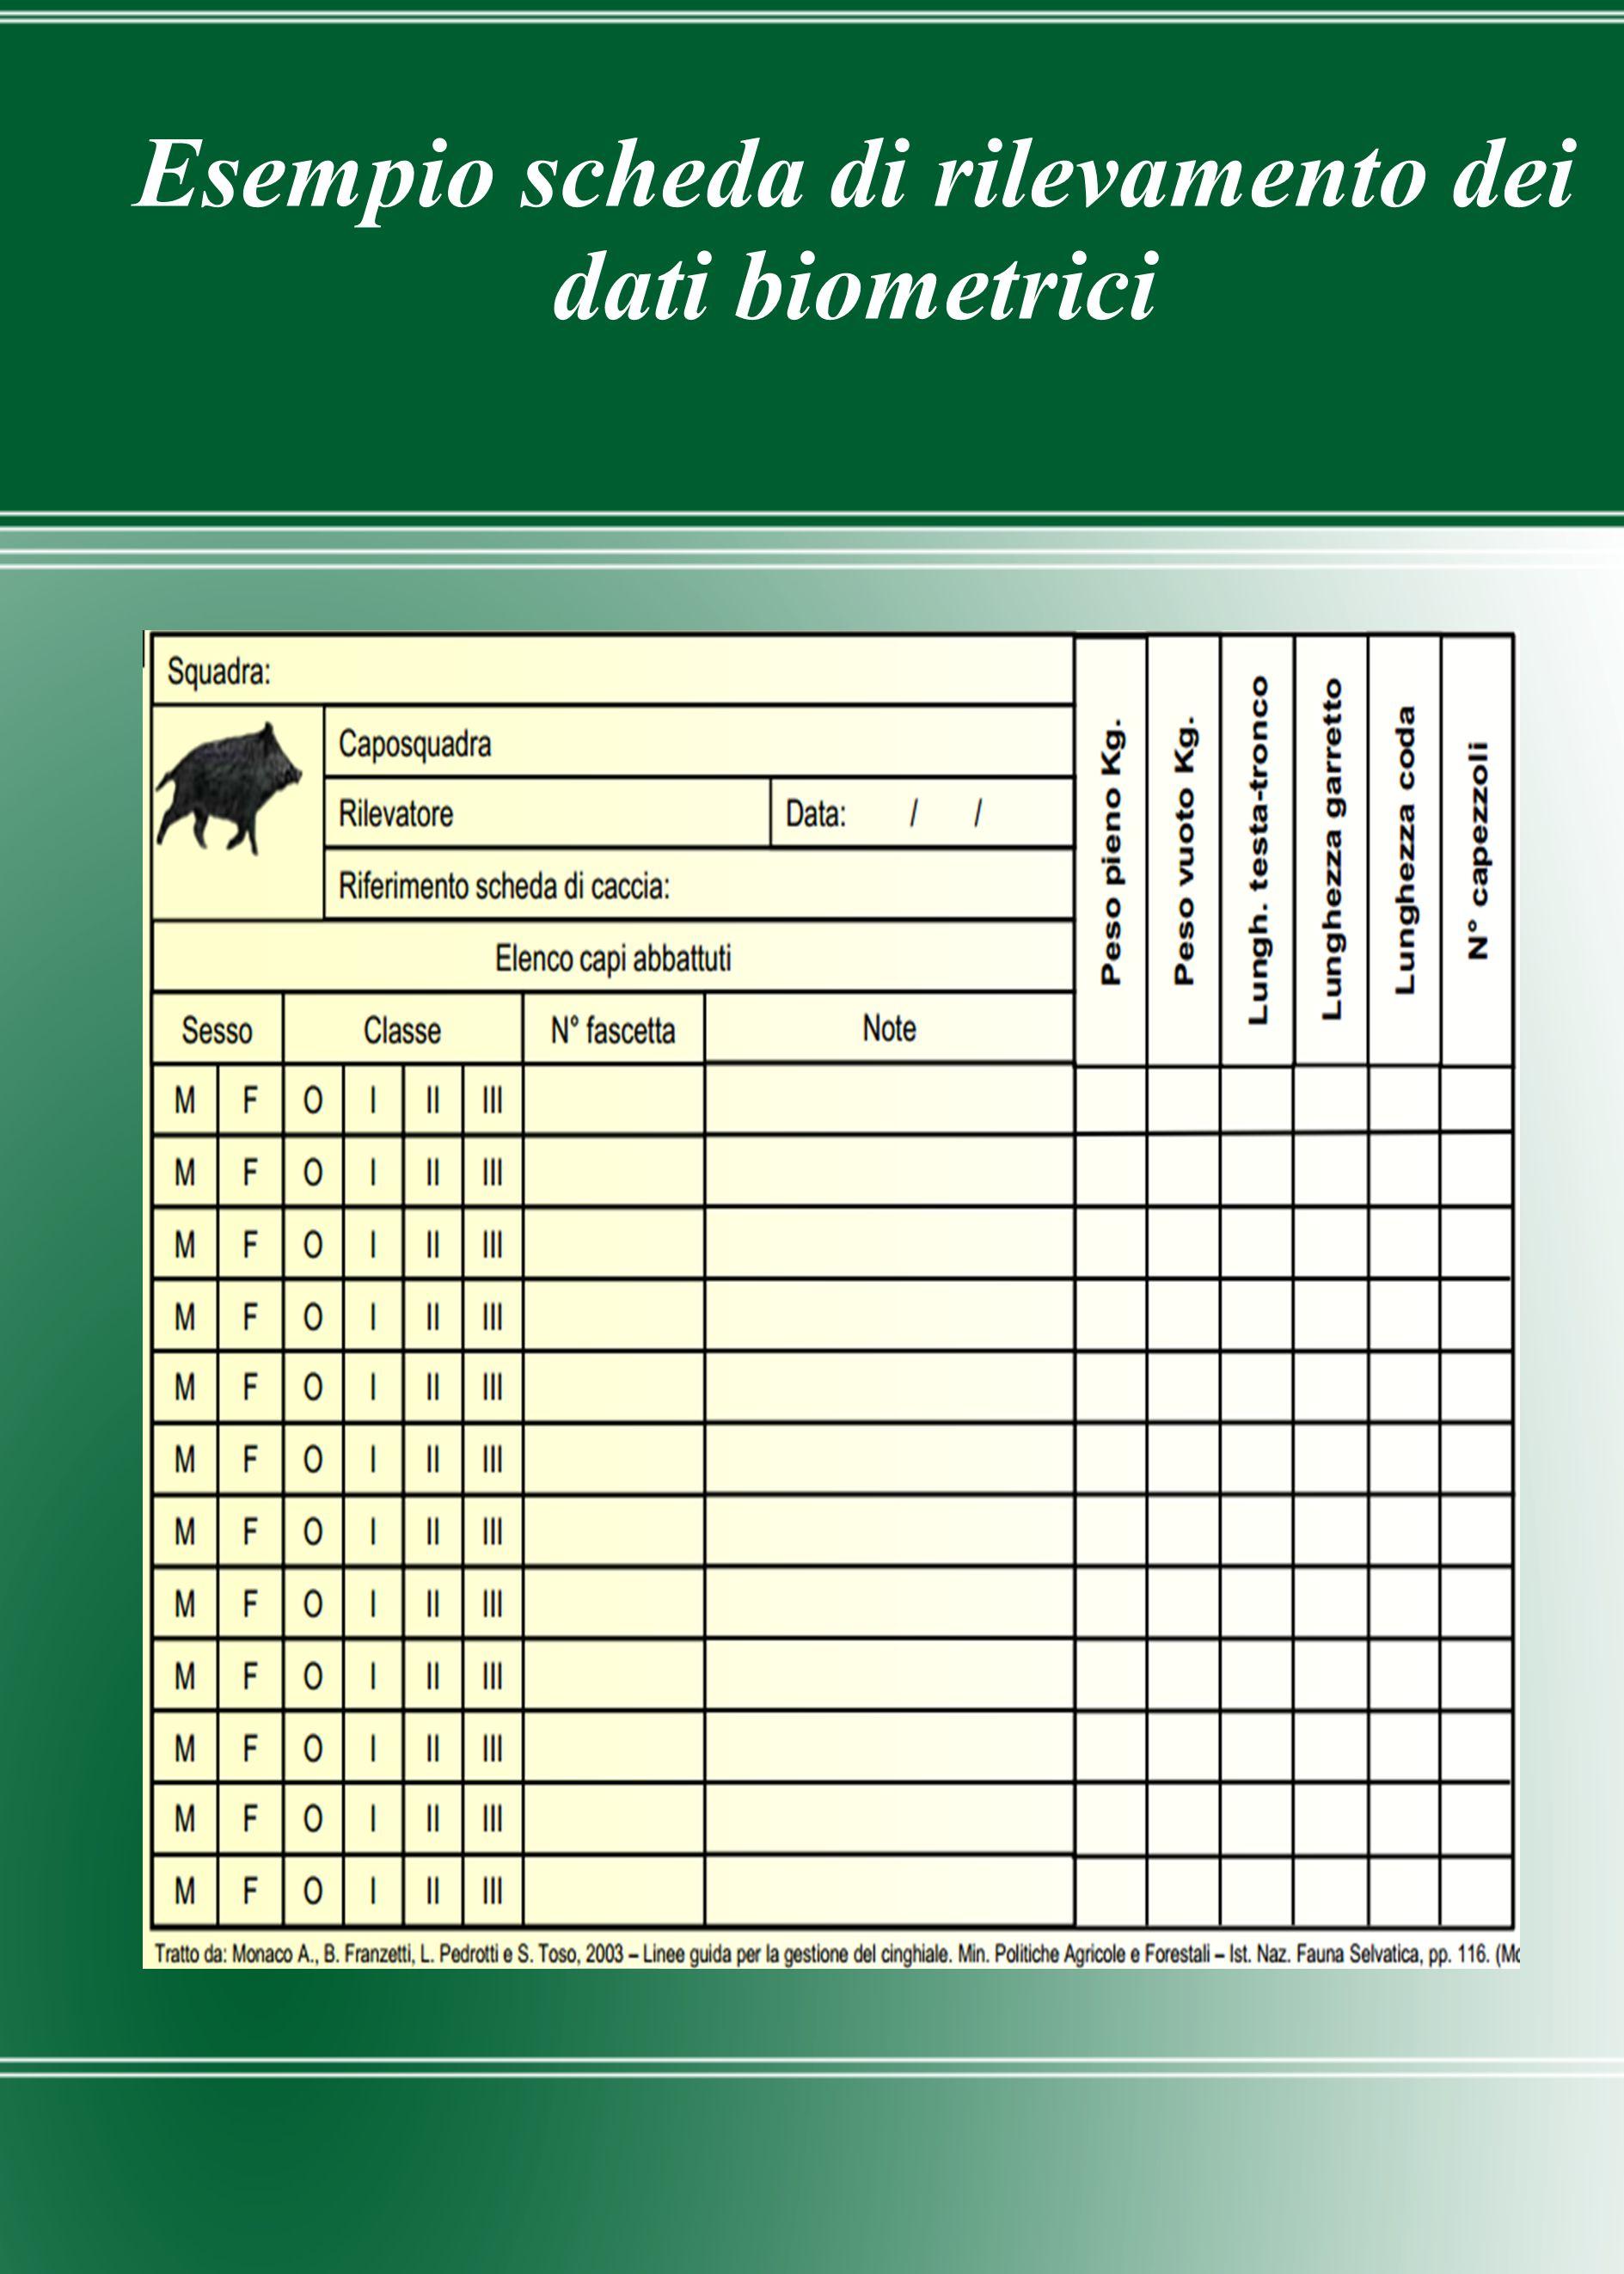 Esempio scheda di rilevamento dei dati biometrici